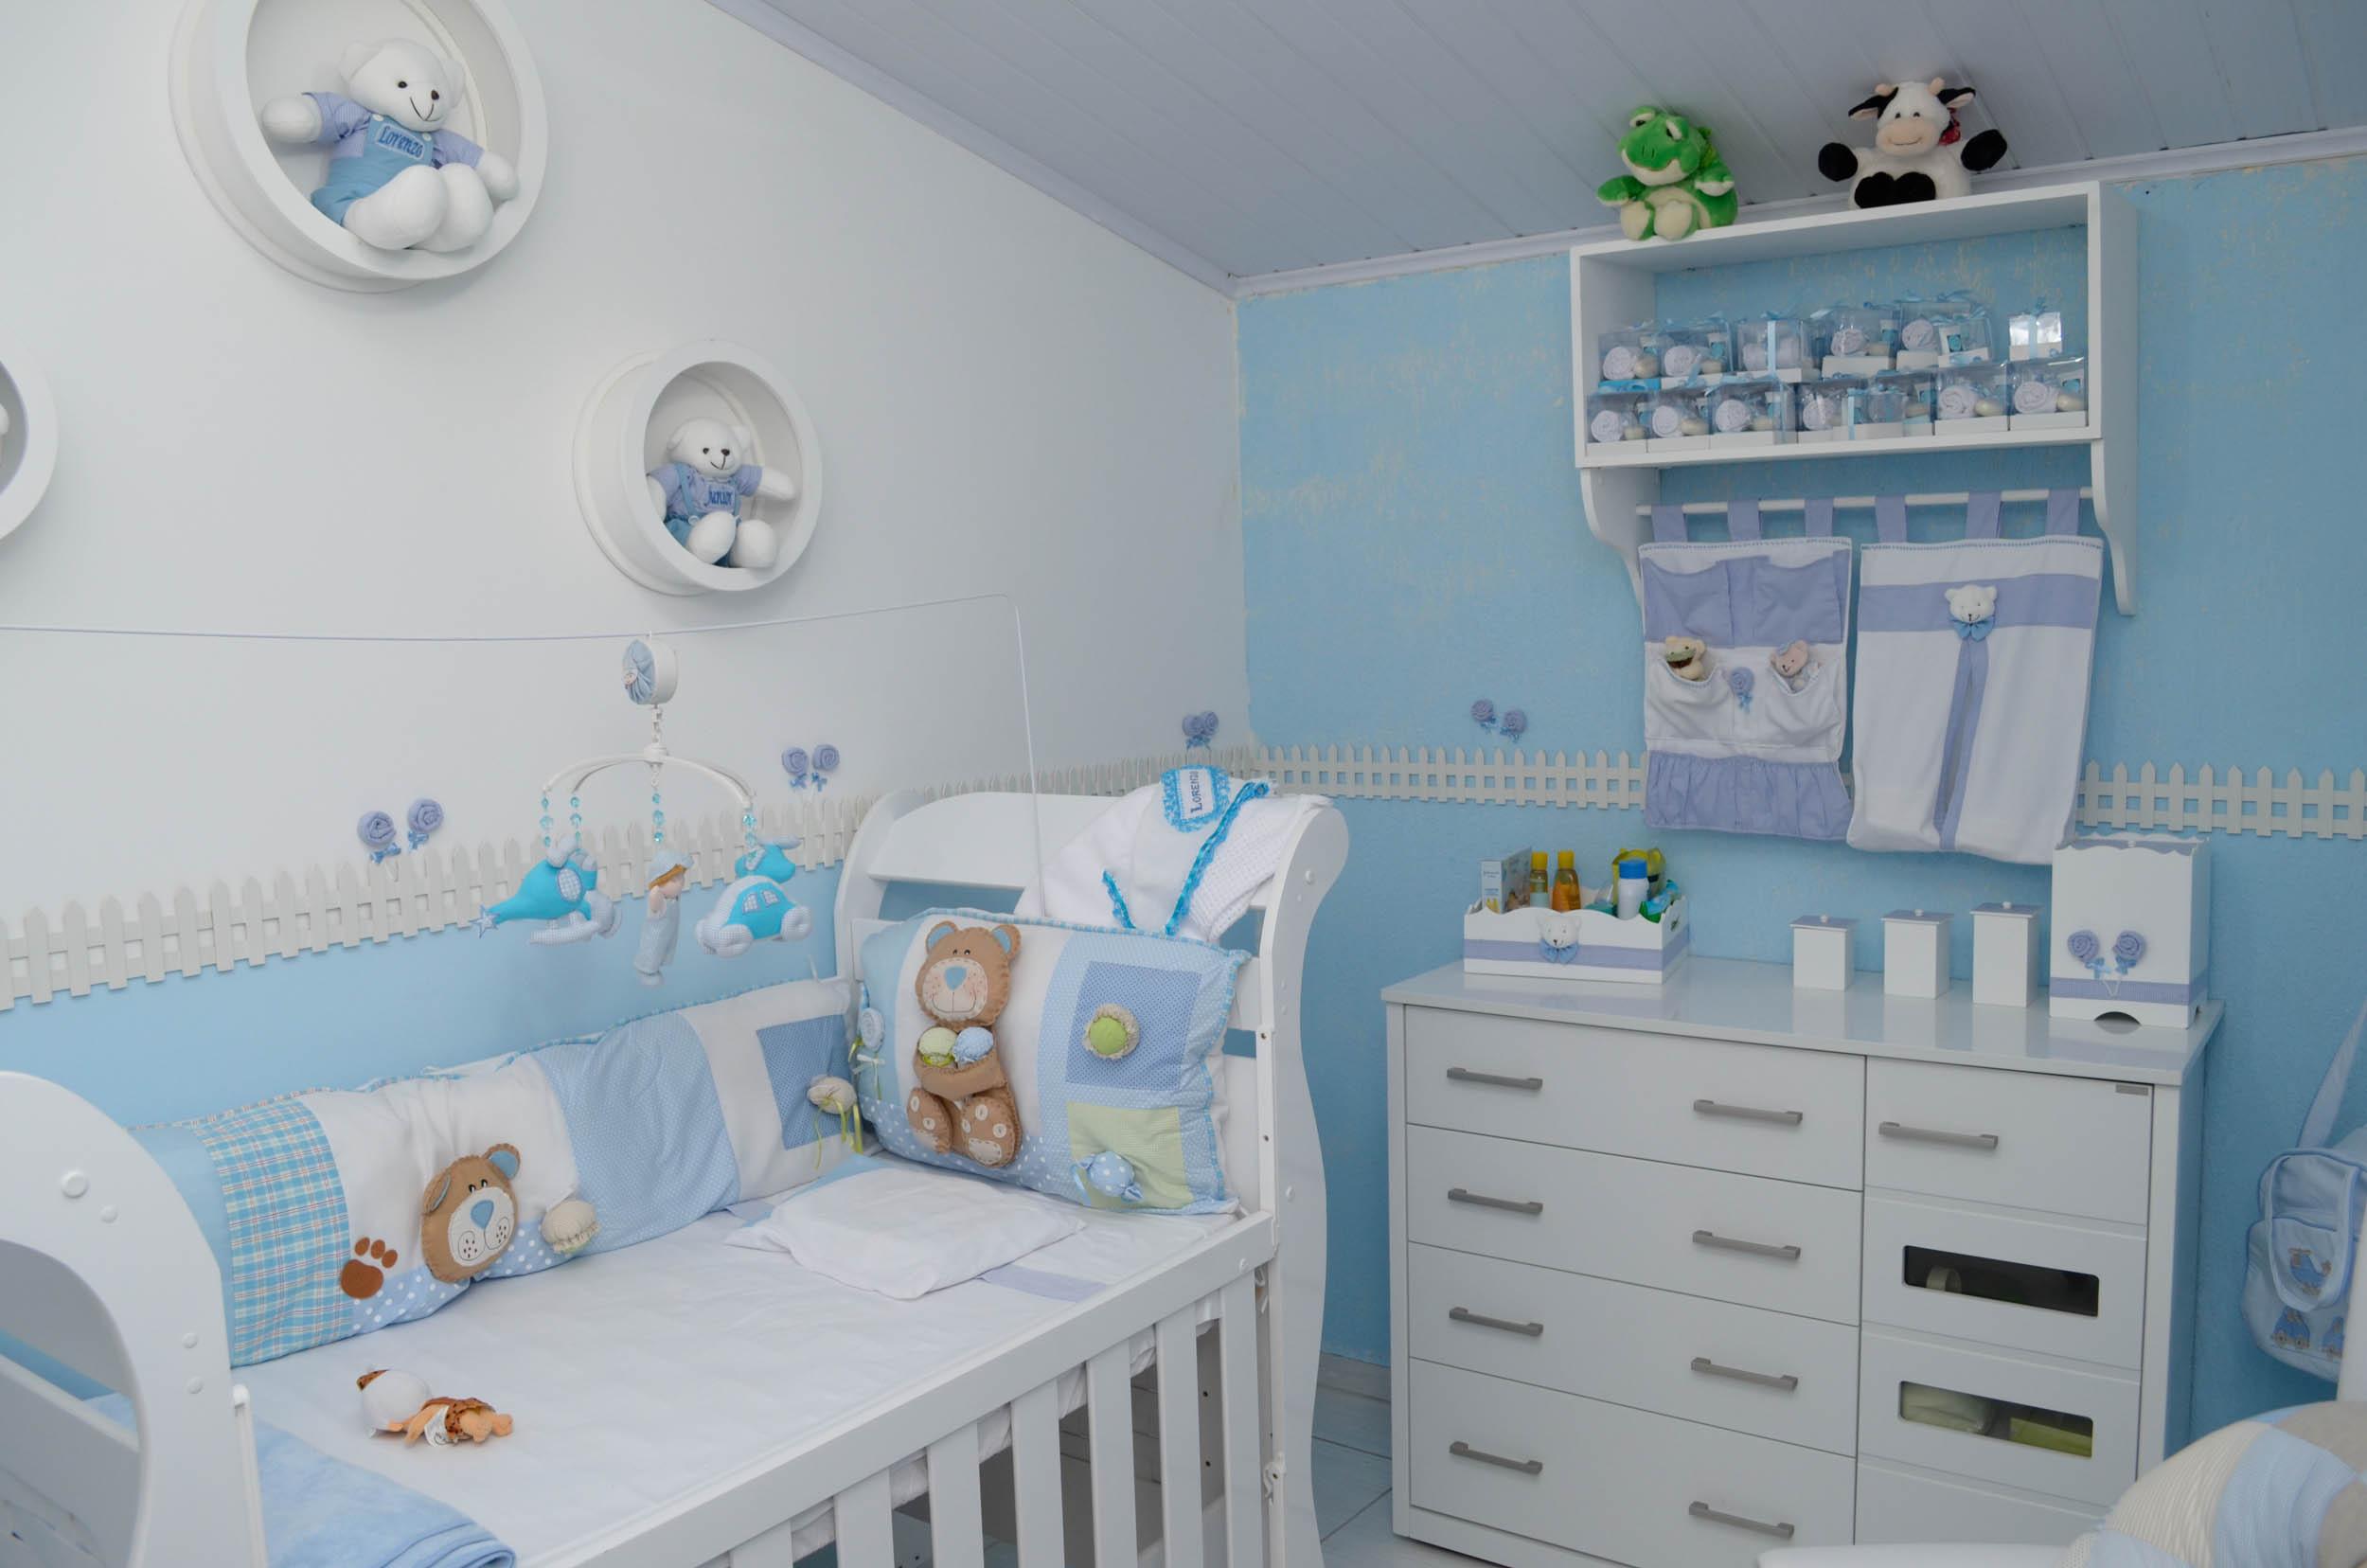 quarto bebe ursos decoracao quarto bebe ursos decoracao quarto bebe